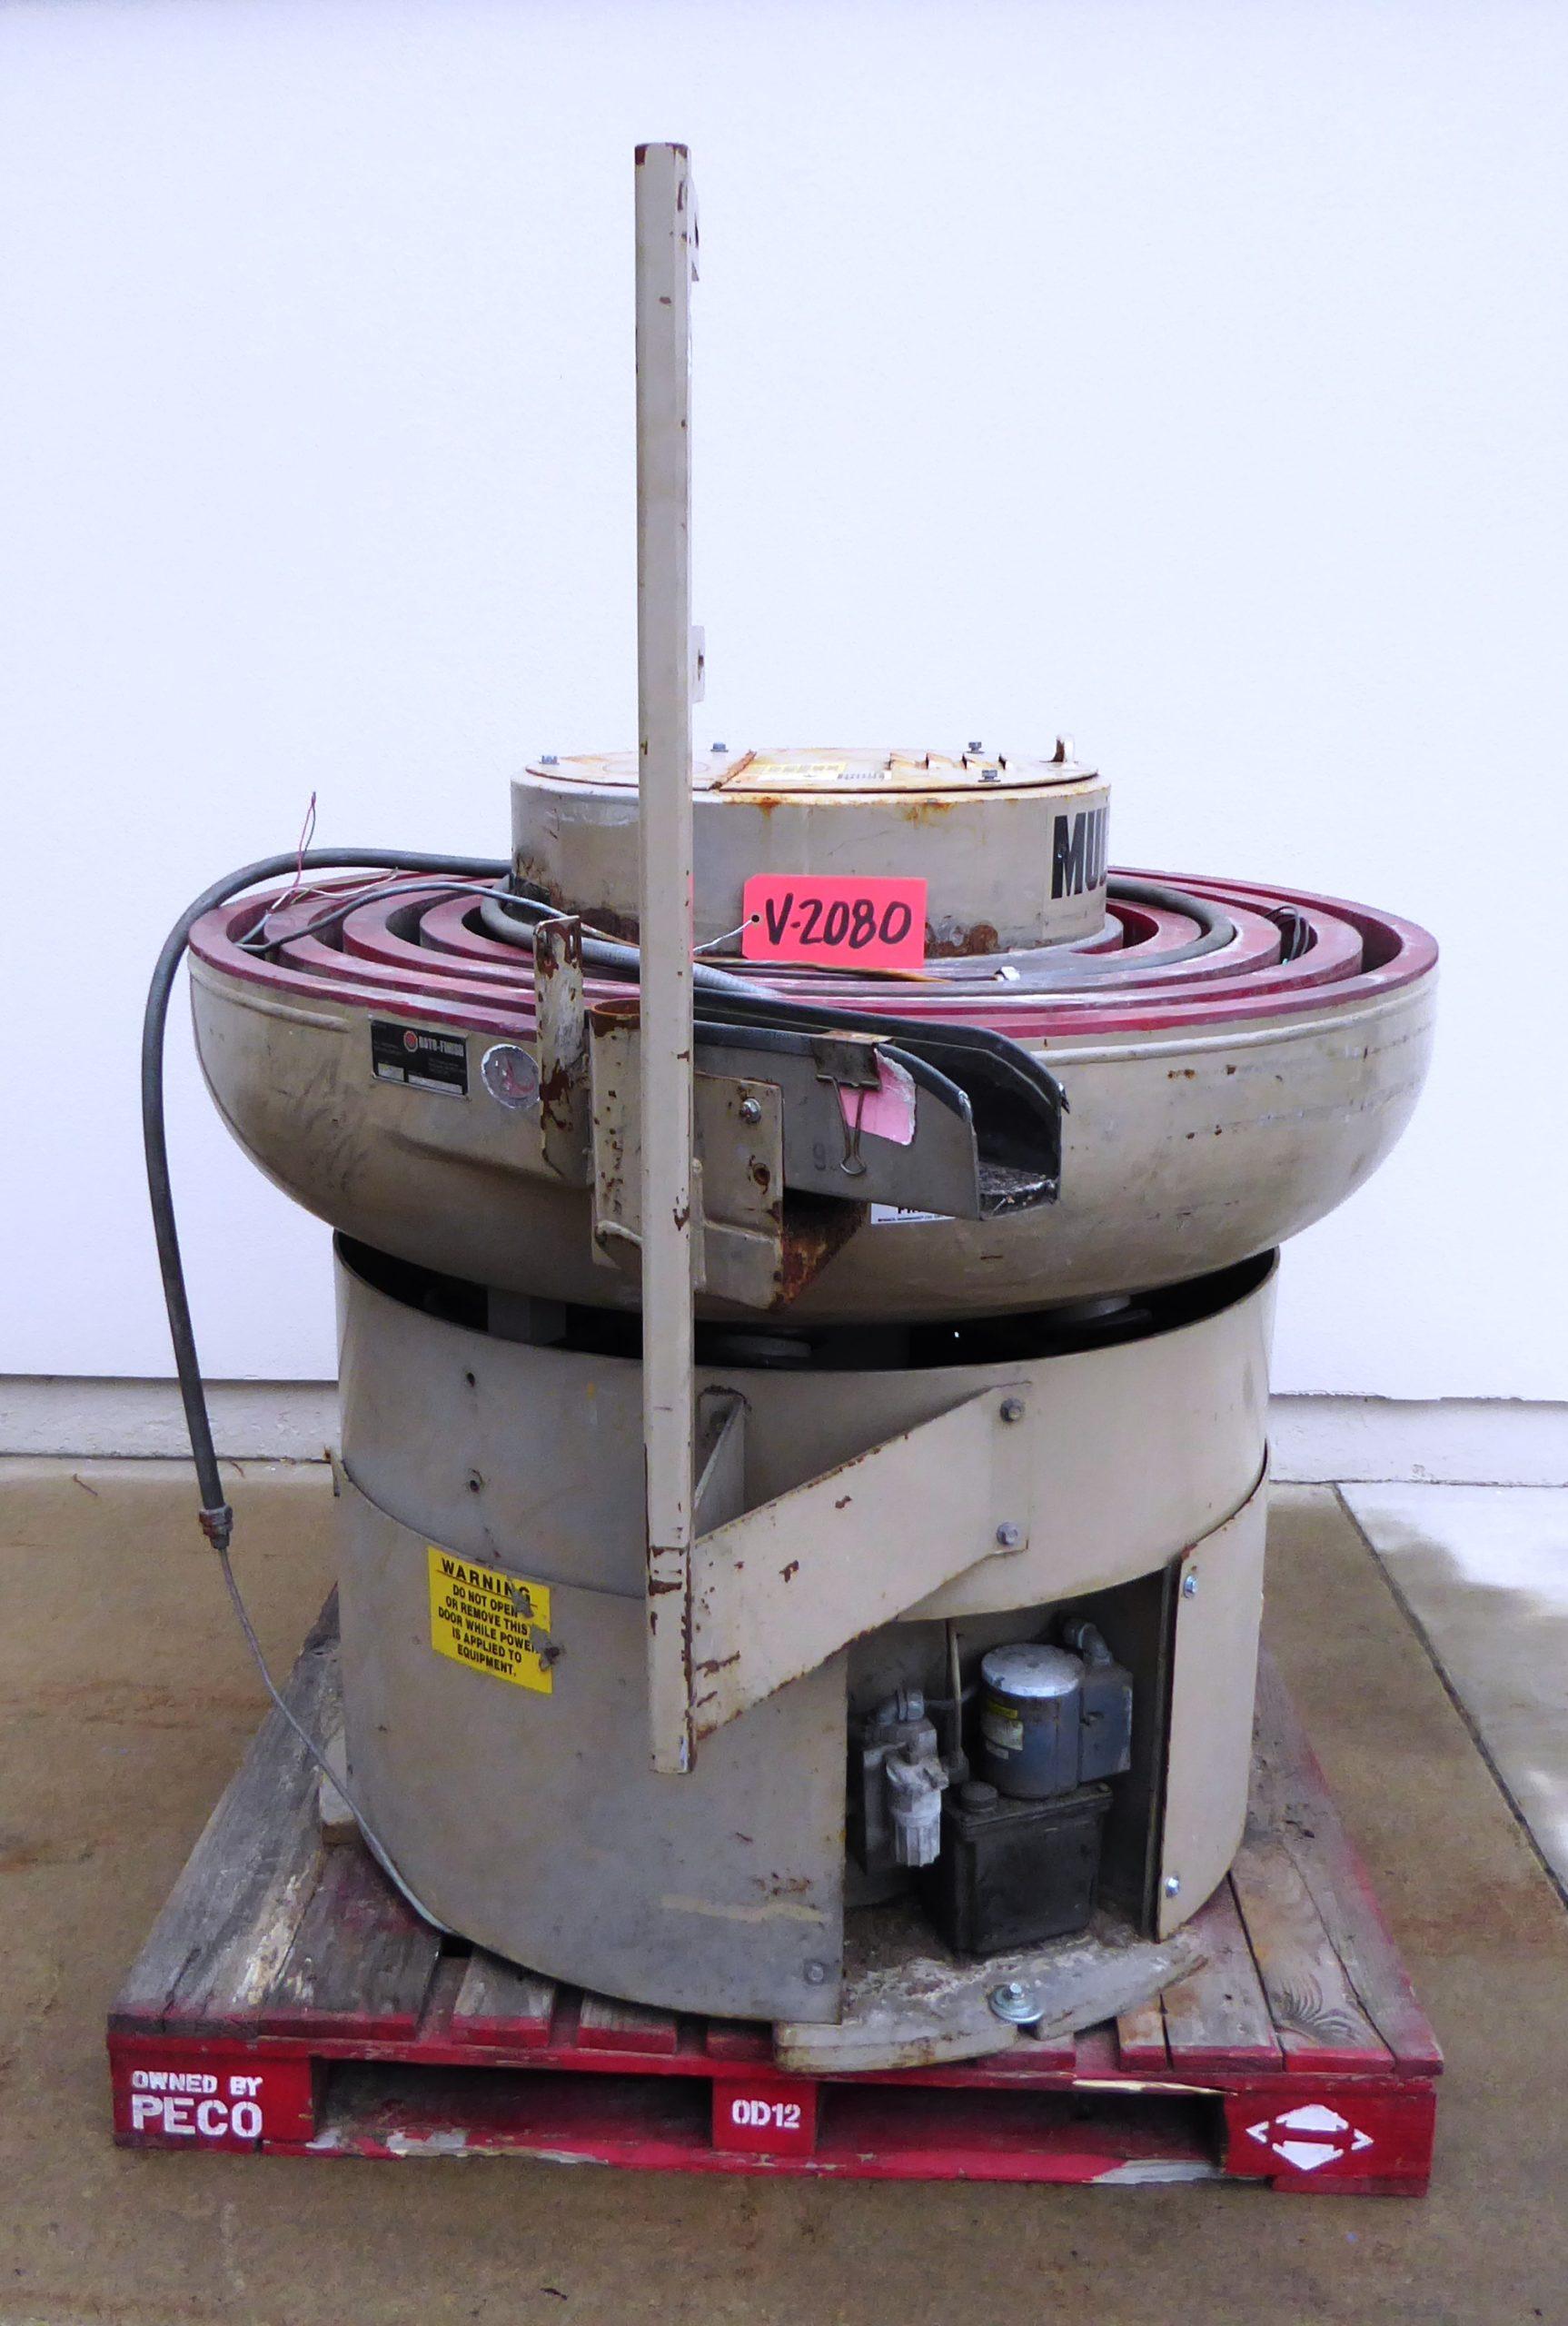 Used Vibratory / Polishing - Hammond Roto-Finish Model 5522 Multi-Pass Vibe Bowl-Vibrators, Tumblers, Polishing